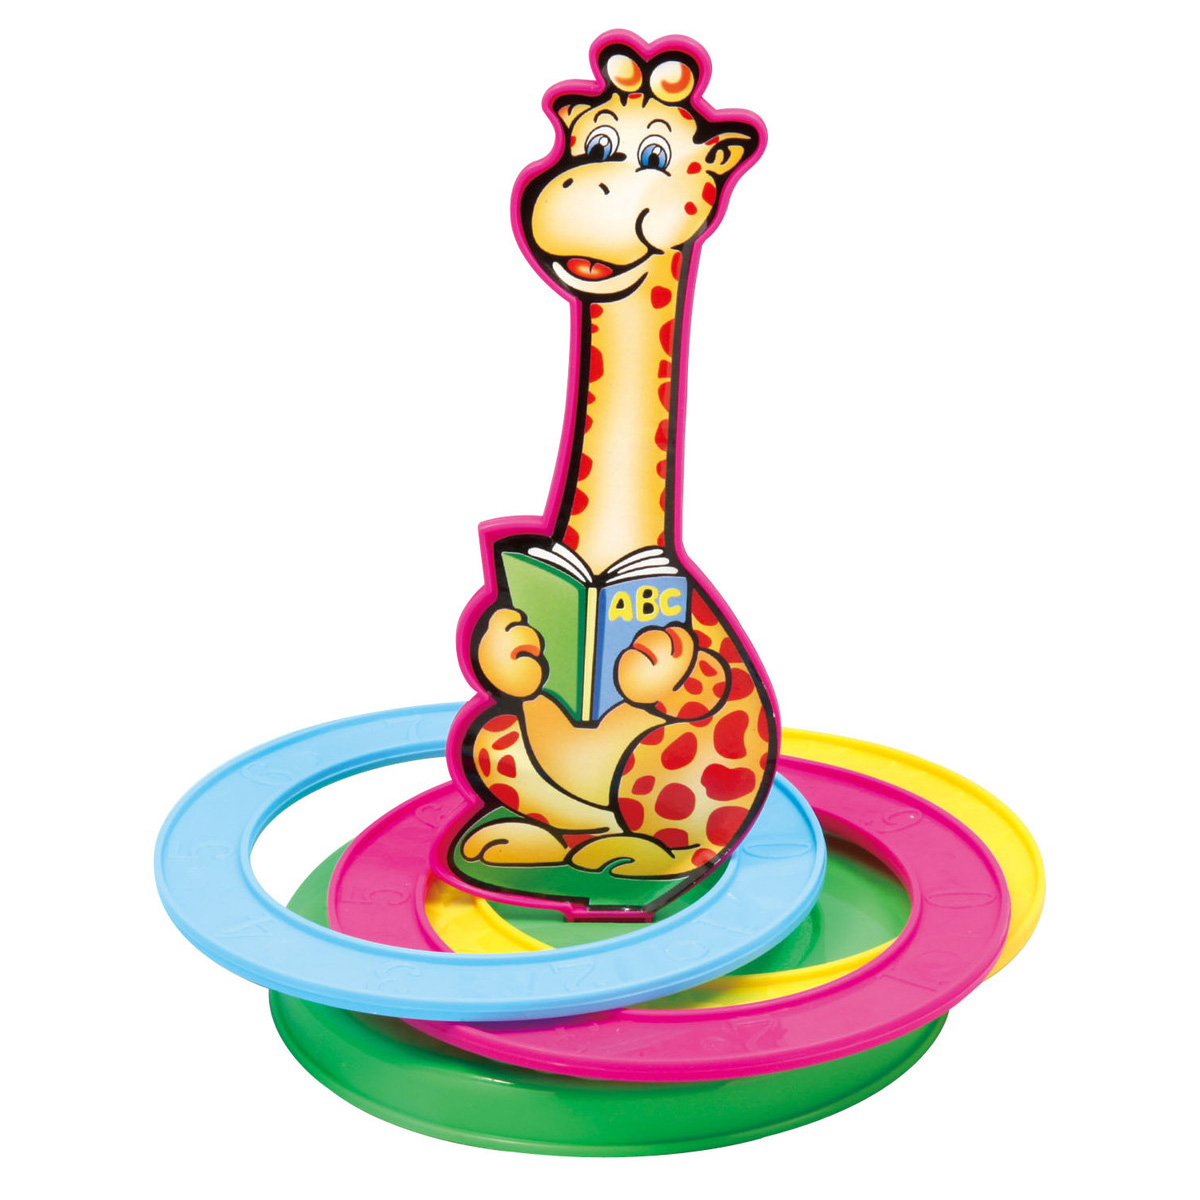 どうぶつわなげ アーテック 知育玩具 輪投げ おもちゃ 幼児 クリスマスプレゼント